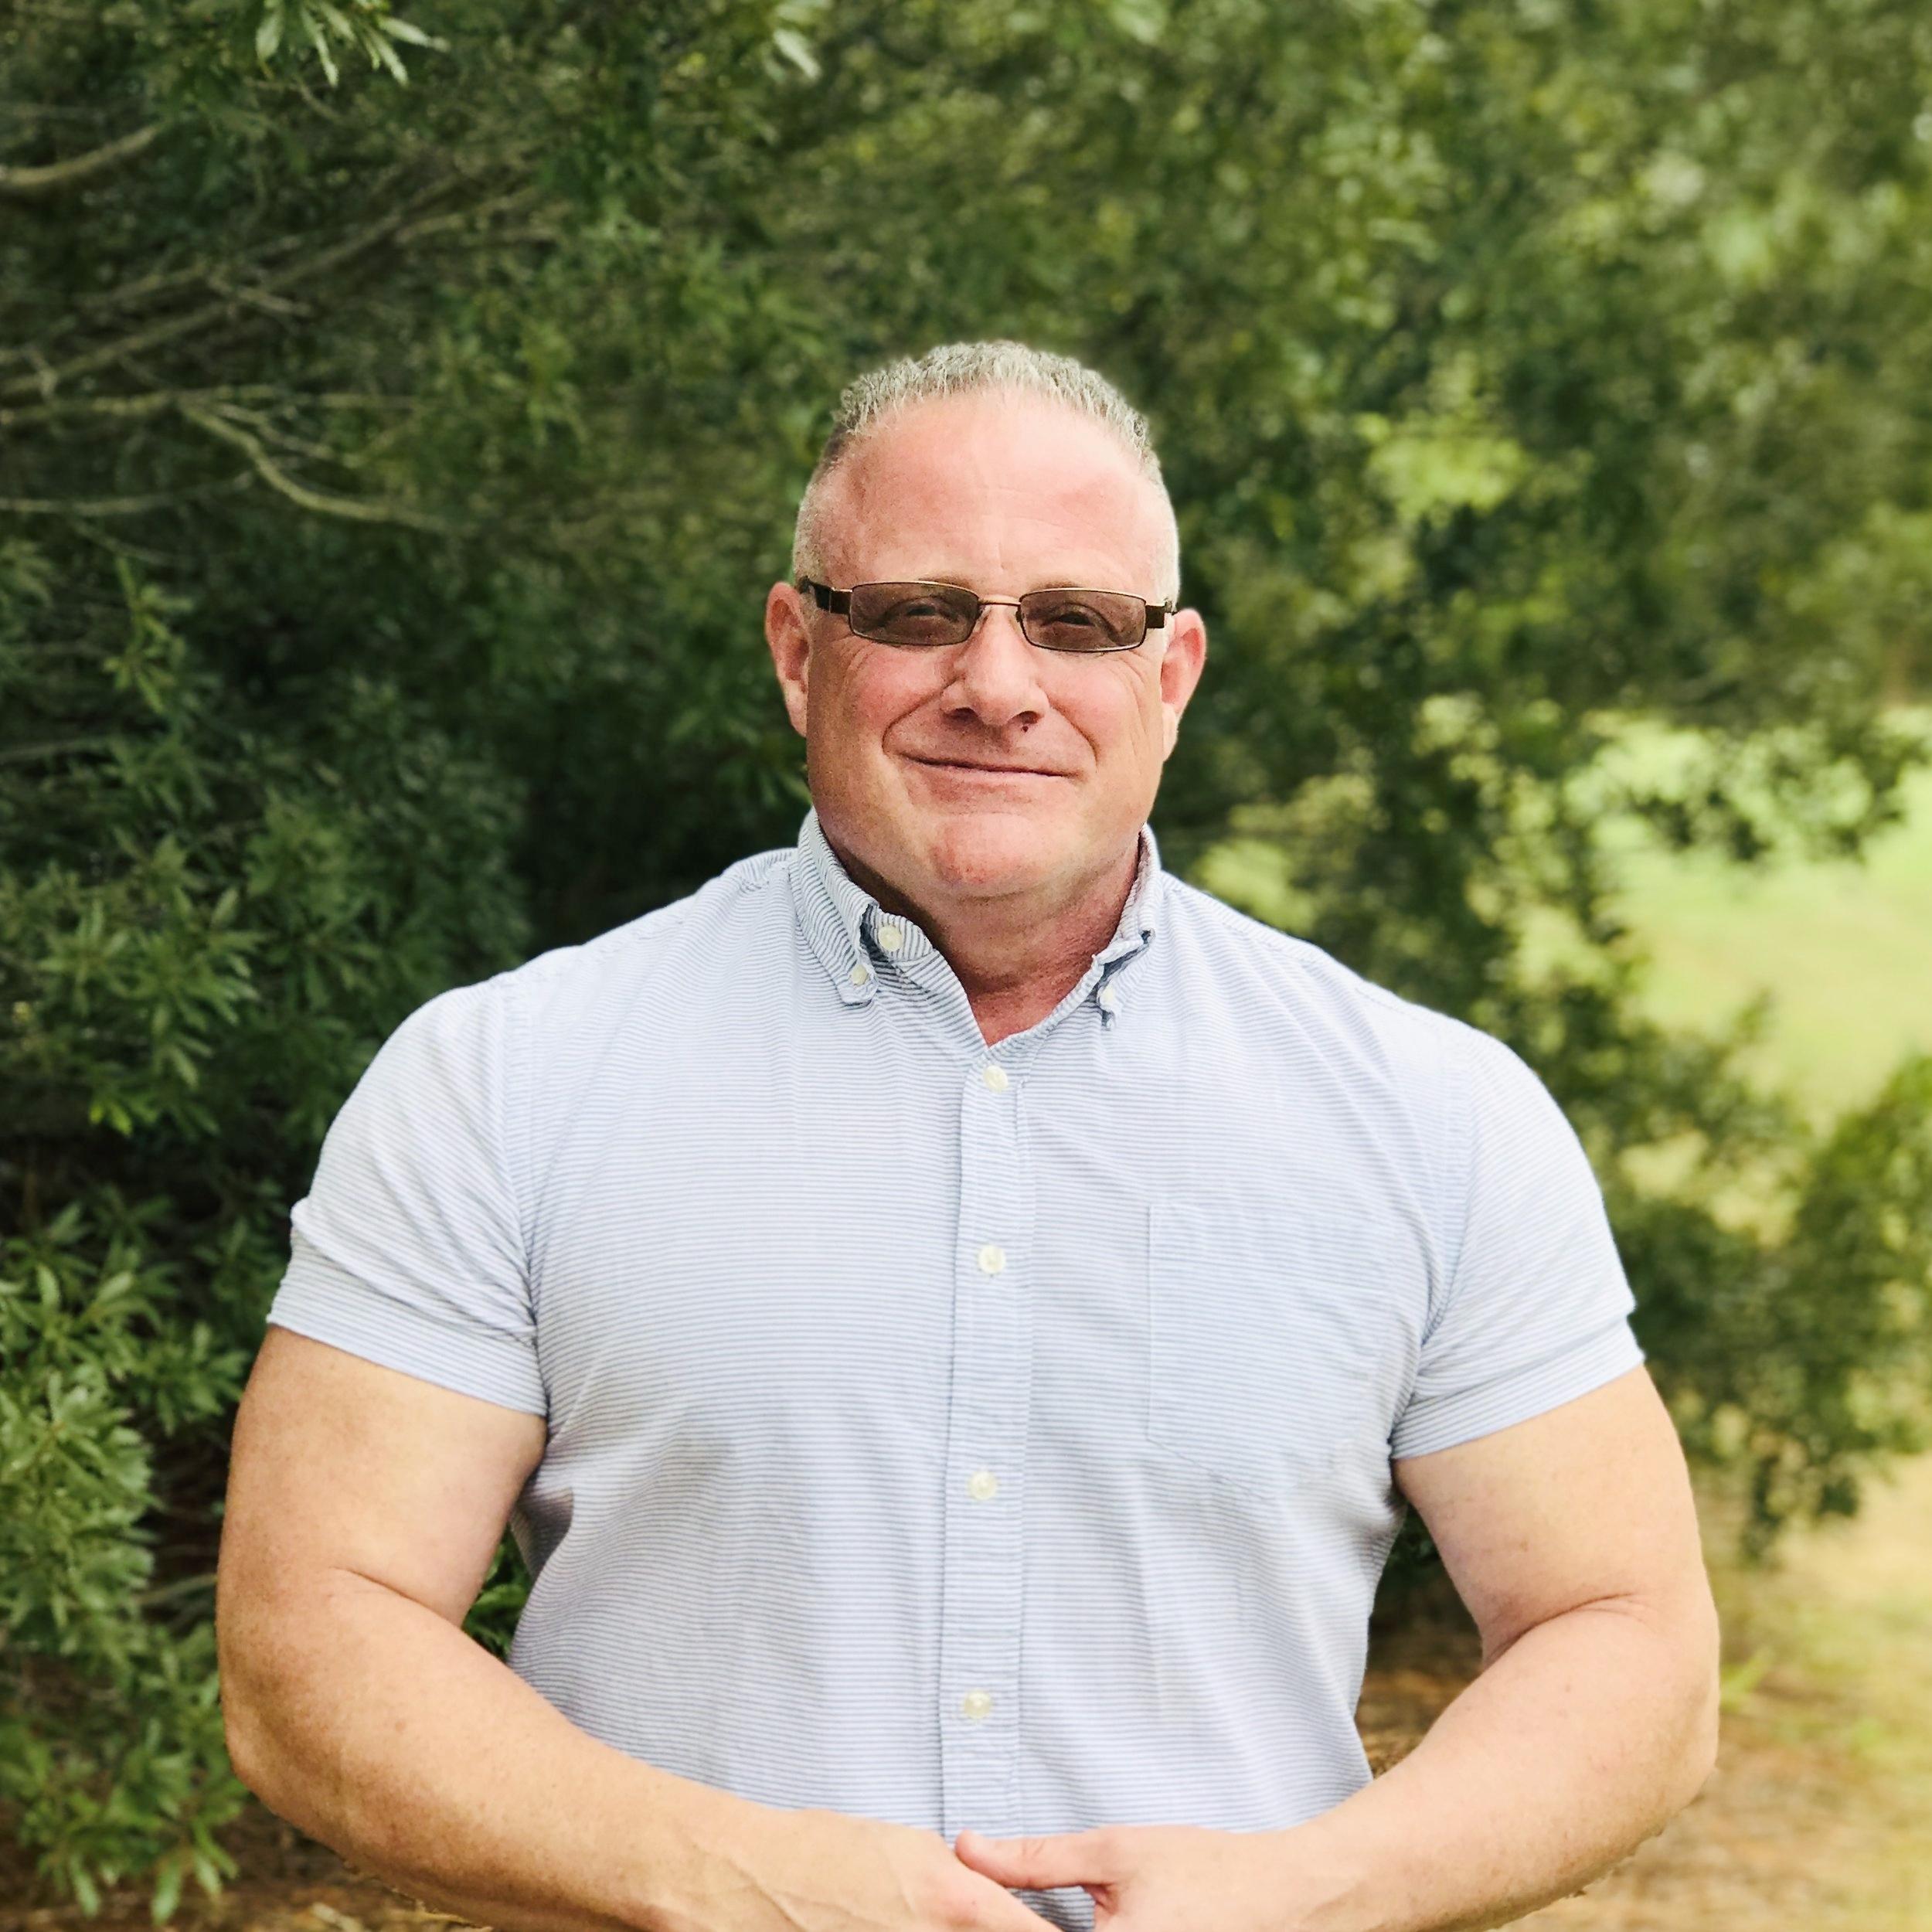 Pastor  Doug Duty  Contact Doug - doug.duty@tmbconline.org